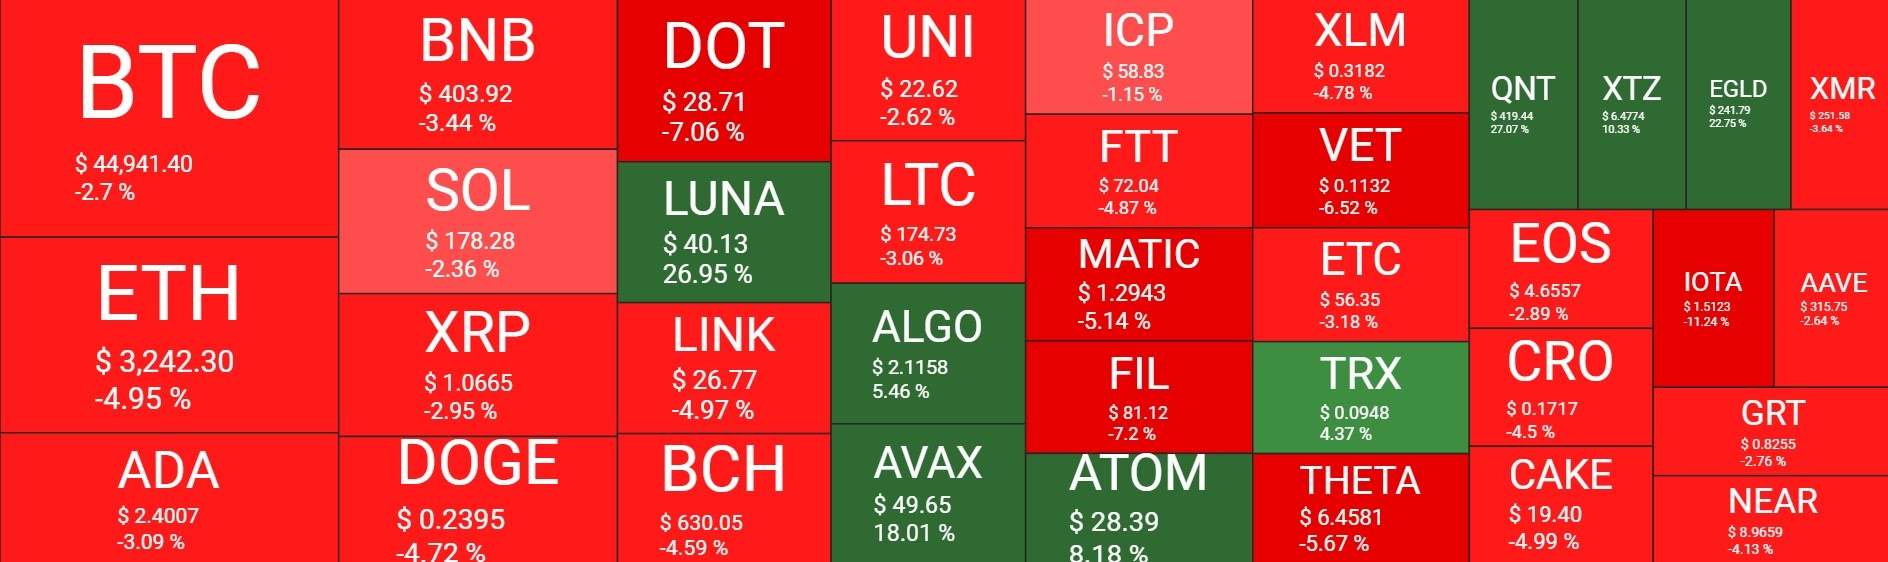 بازار20 - نگاهی کلی به وضعیت امروز بازار رمزارزها (20 شهریور)